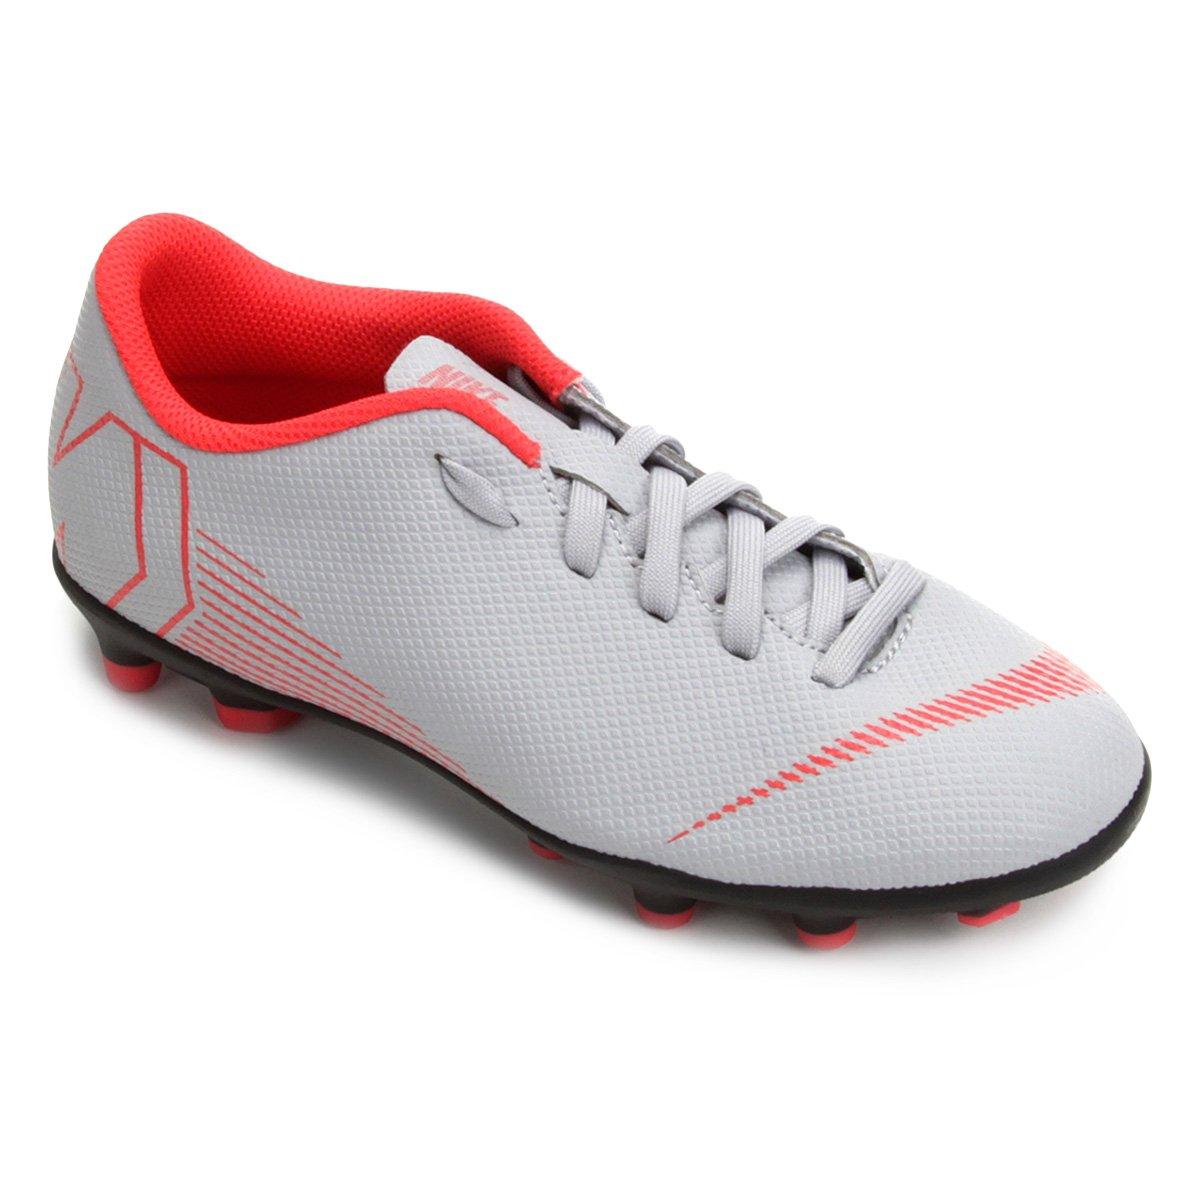 19f1c2dc11 Chuteira Campo Infantil Nike Mercurial Vapor 12 Club - Cinza e Preto ...